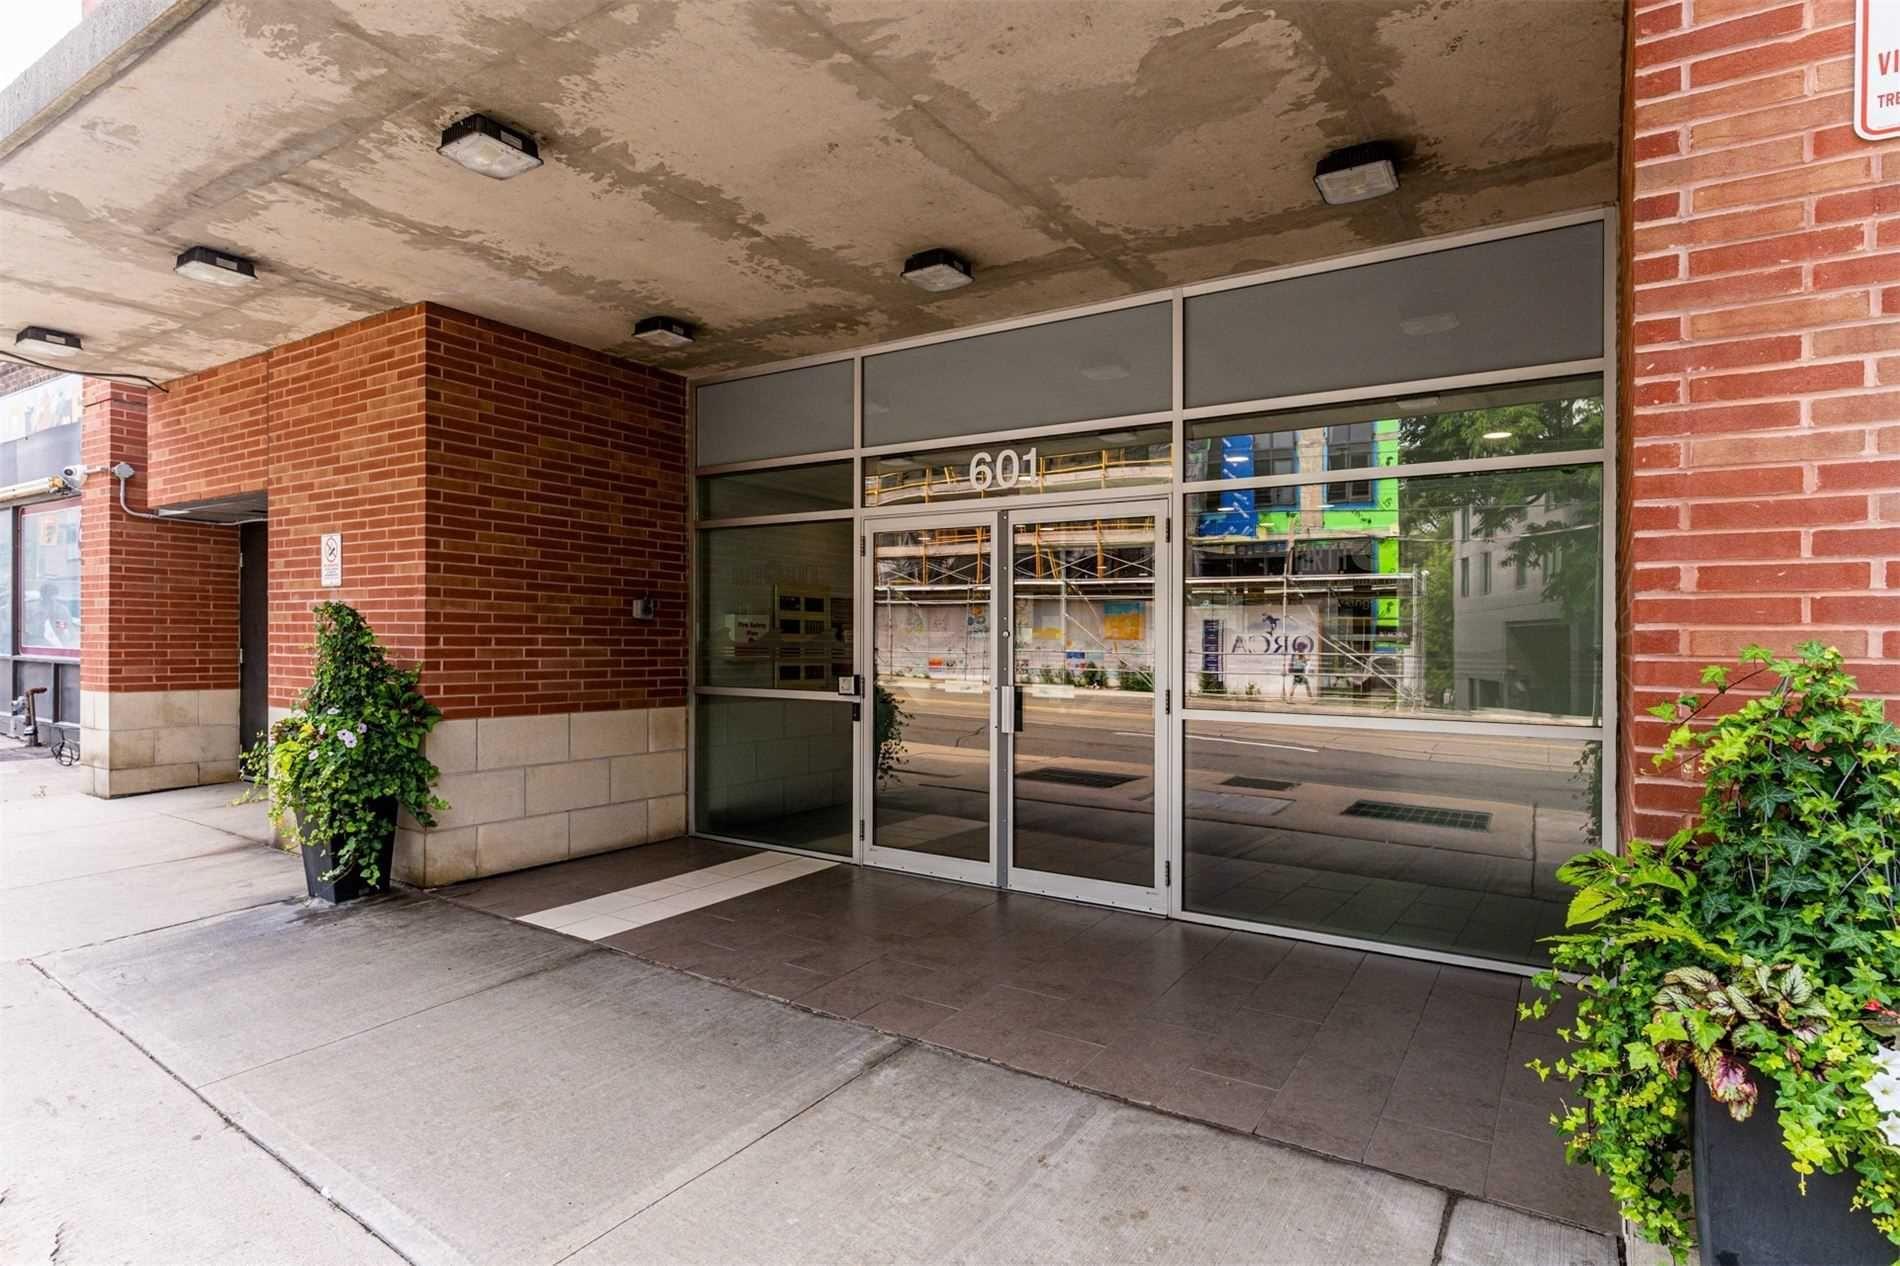 Photo 28: Photos: 406 601 Kingston Road in Toronto: The Beaches Condo for sale (Toronto E02)  : MLS®# E5308141